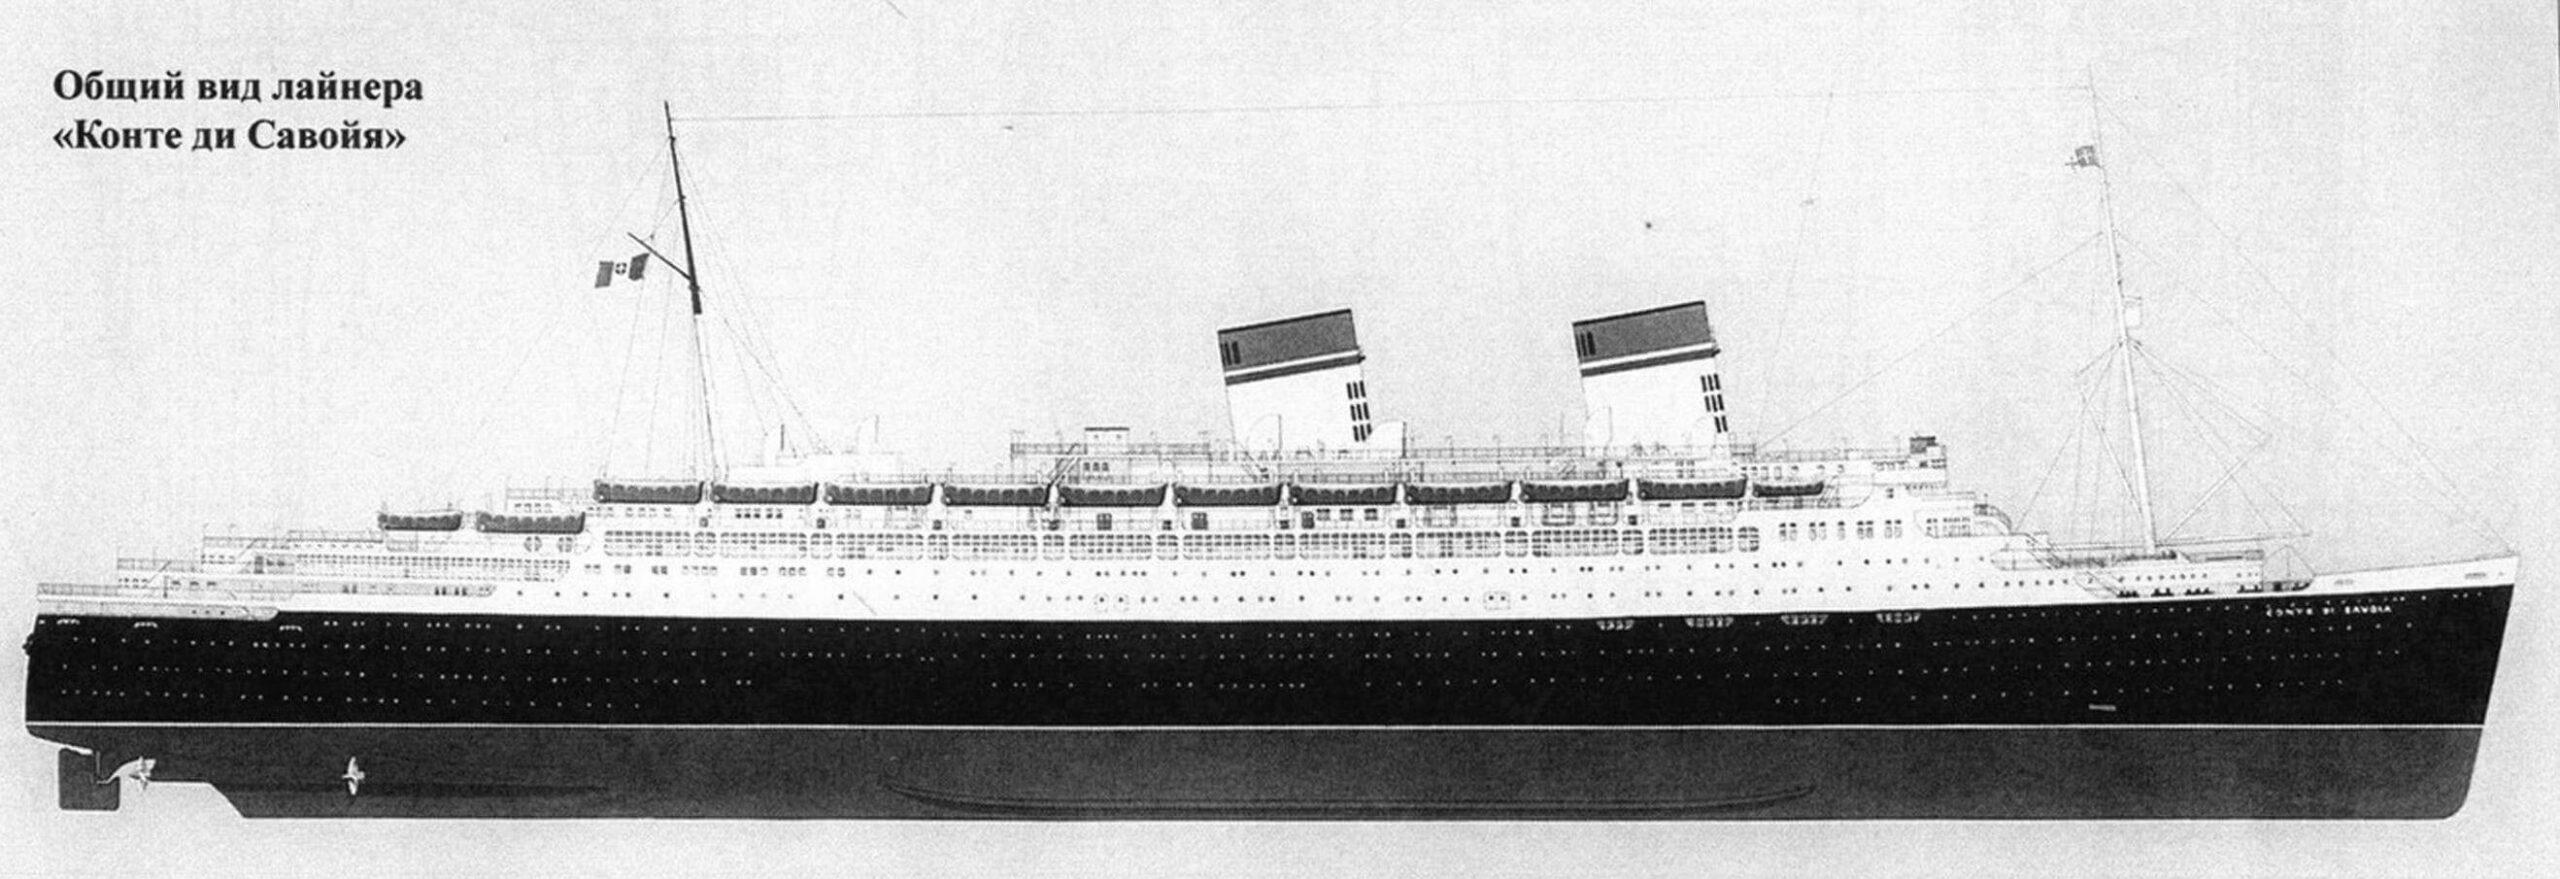 Общий вид лайнера «Конте ди Савойя»